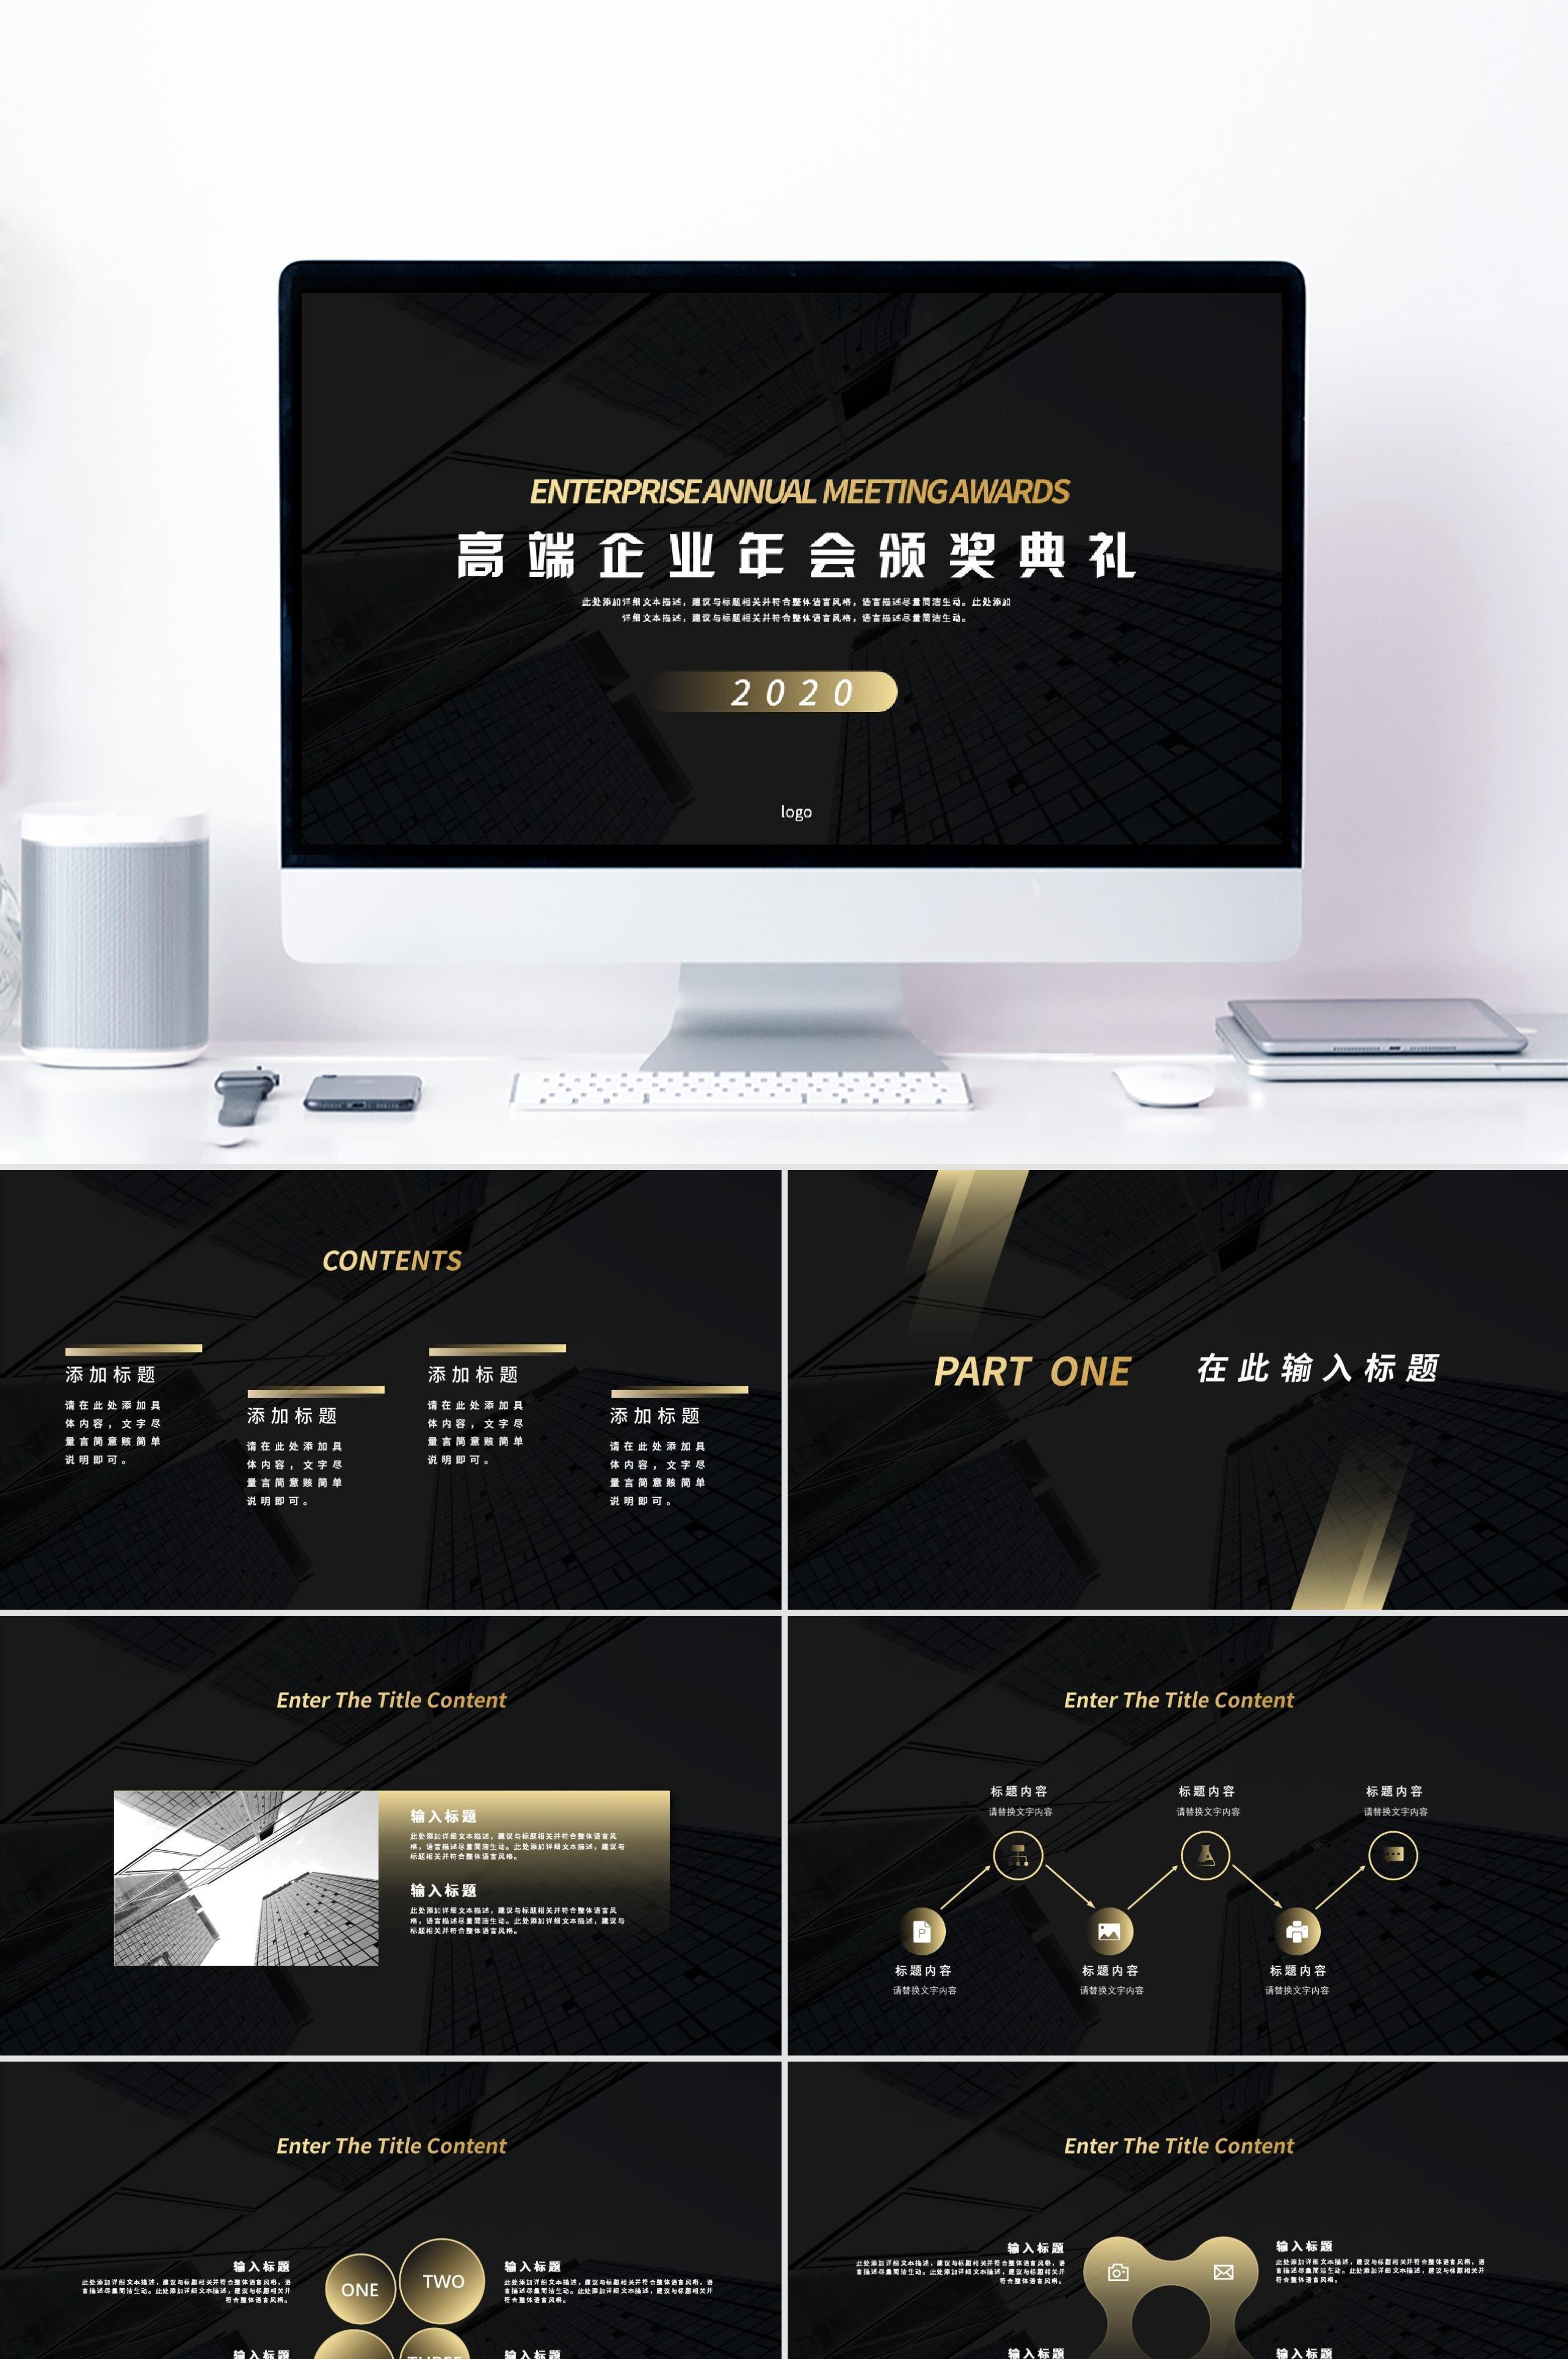 黑金高端企业年会颁奖典礼PPT模板设计